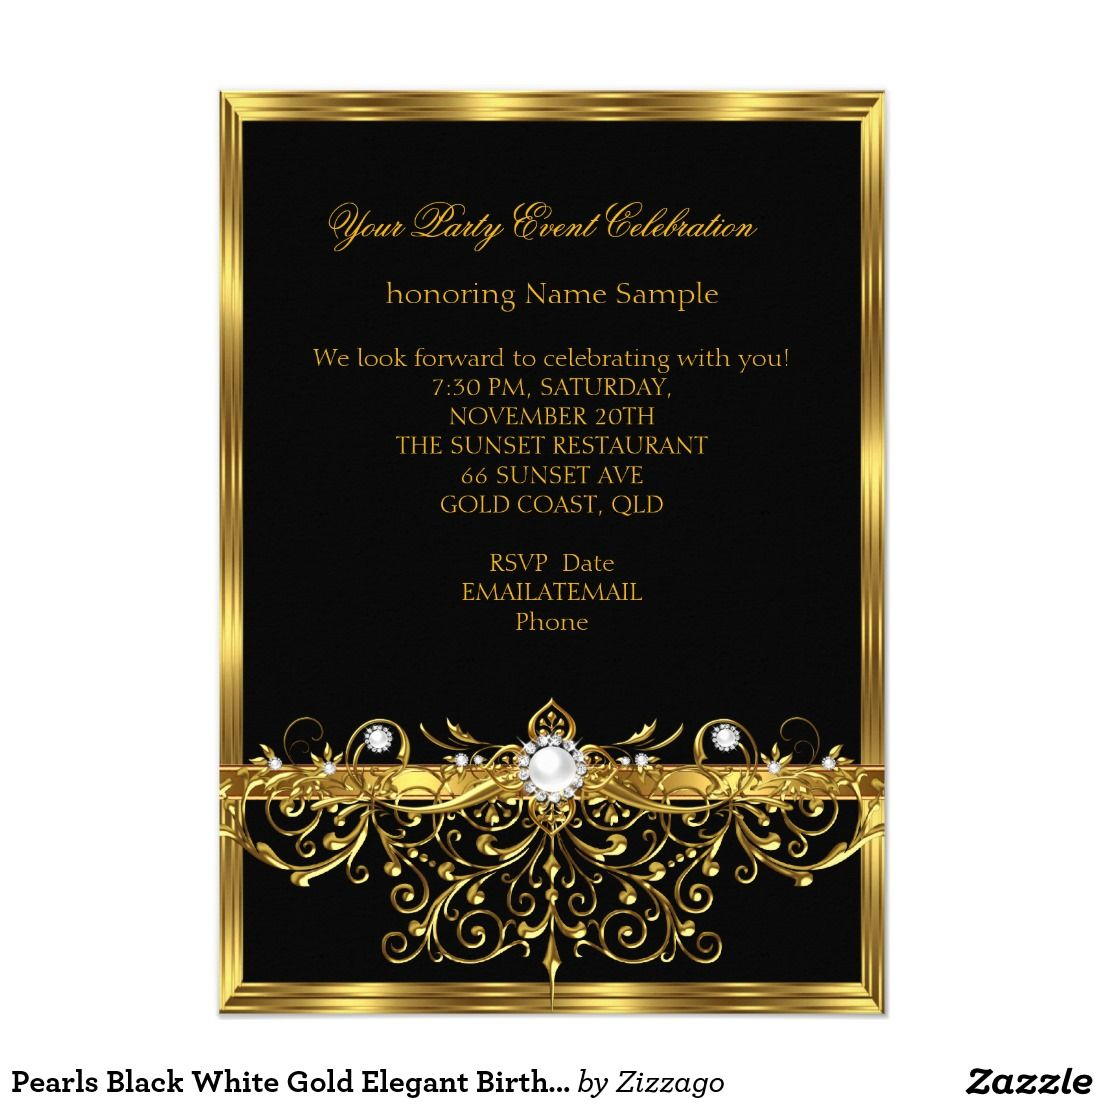 """Fiesta de cumpleaños elegante negra del oro blanco invitación 4 5"""" x 6 25"""" Quino Mafe Pinterest"""